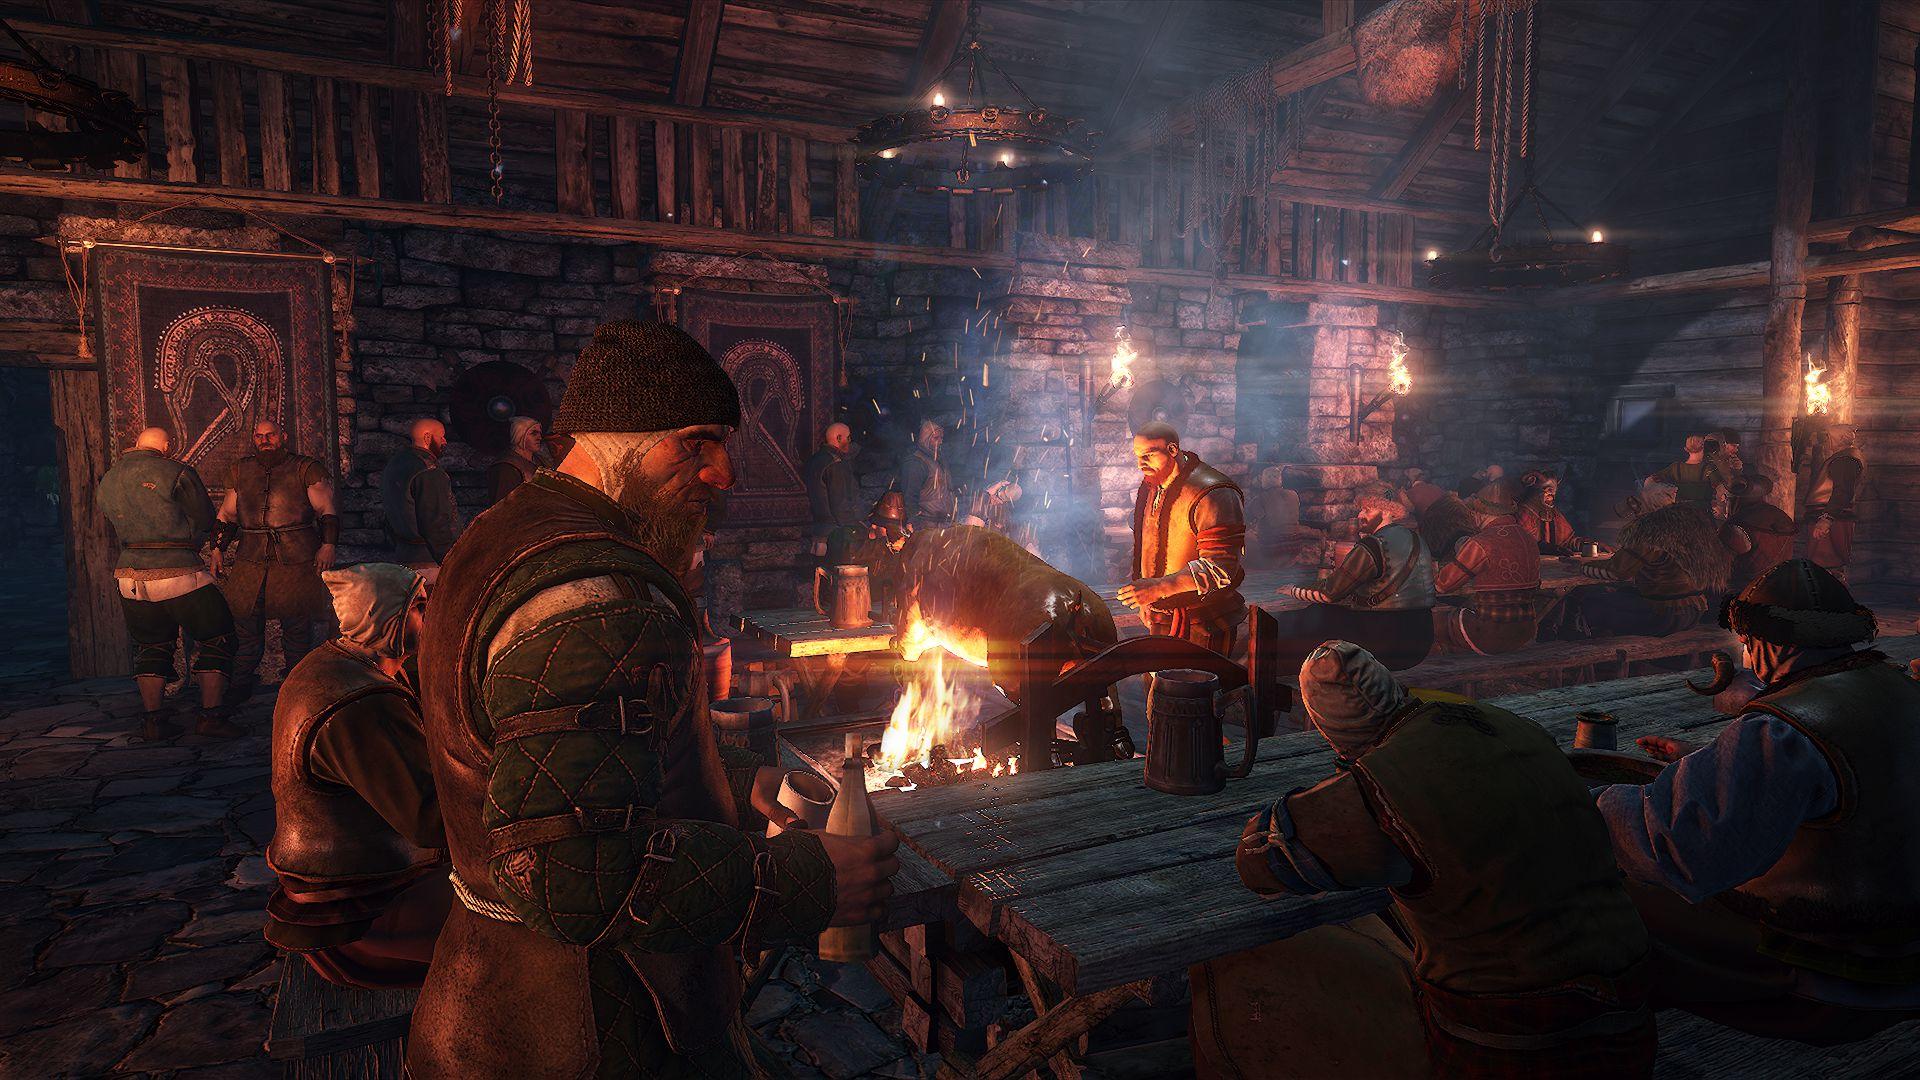 6295_the_witcher_3_wild_hunt_tavern_interior